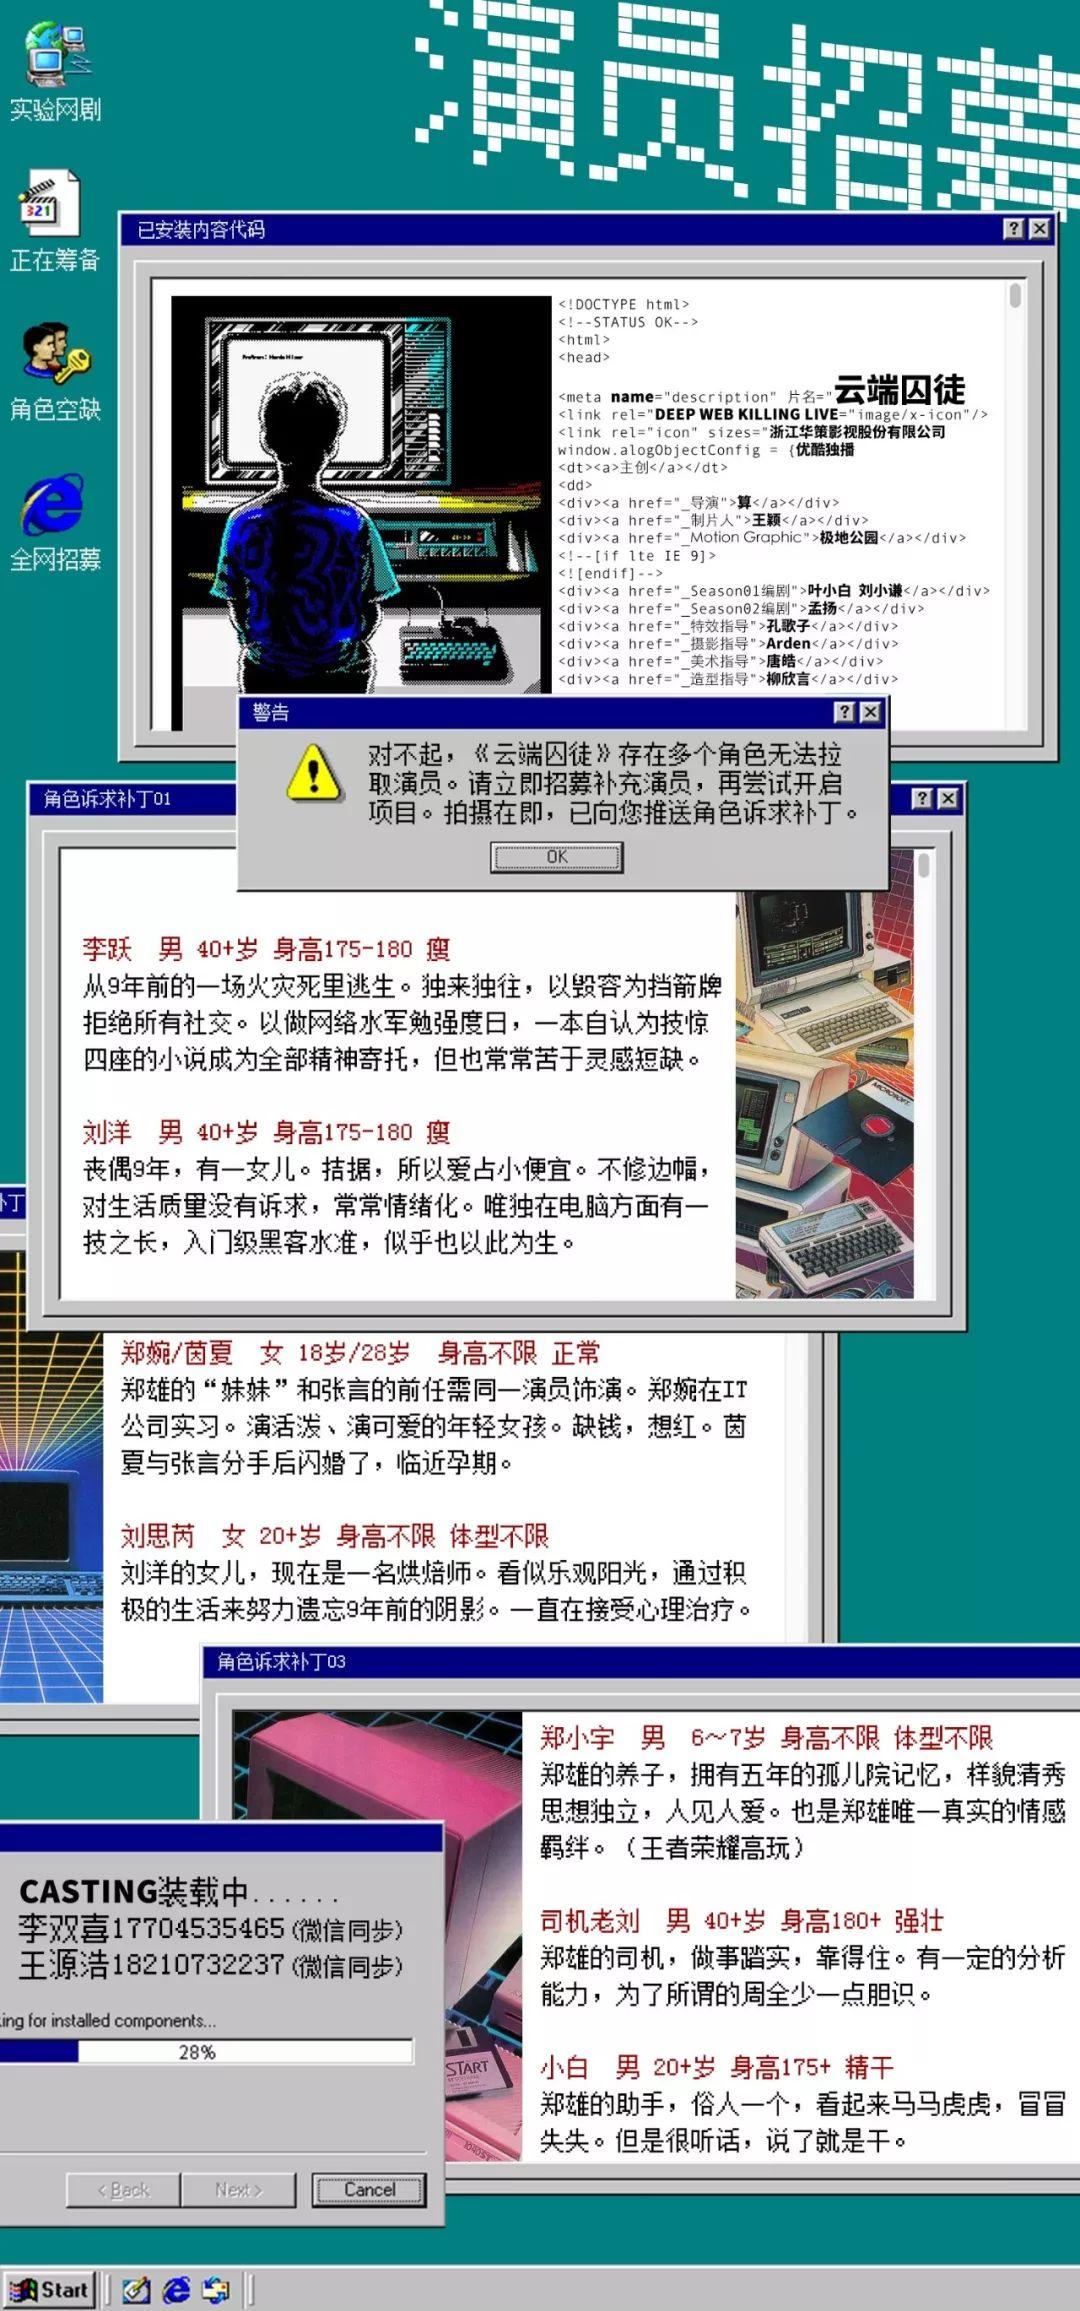 11/26组讯 | 网剧《云端囚徒》等